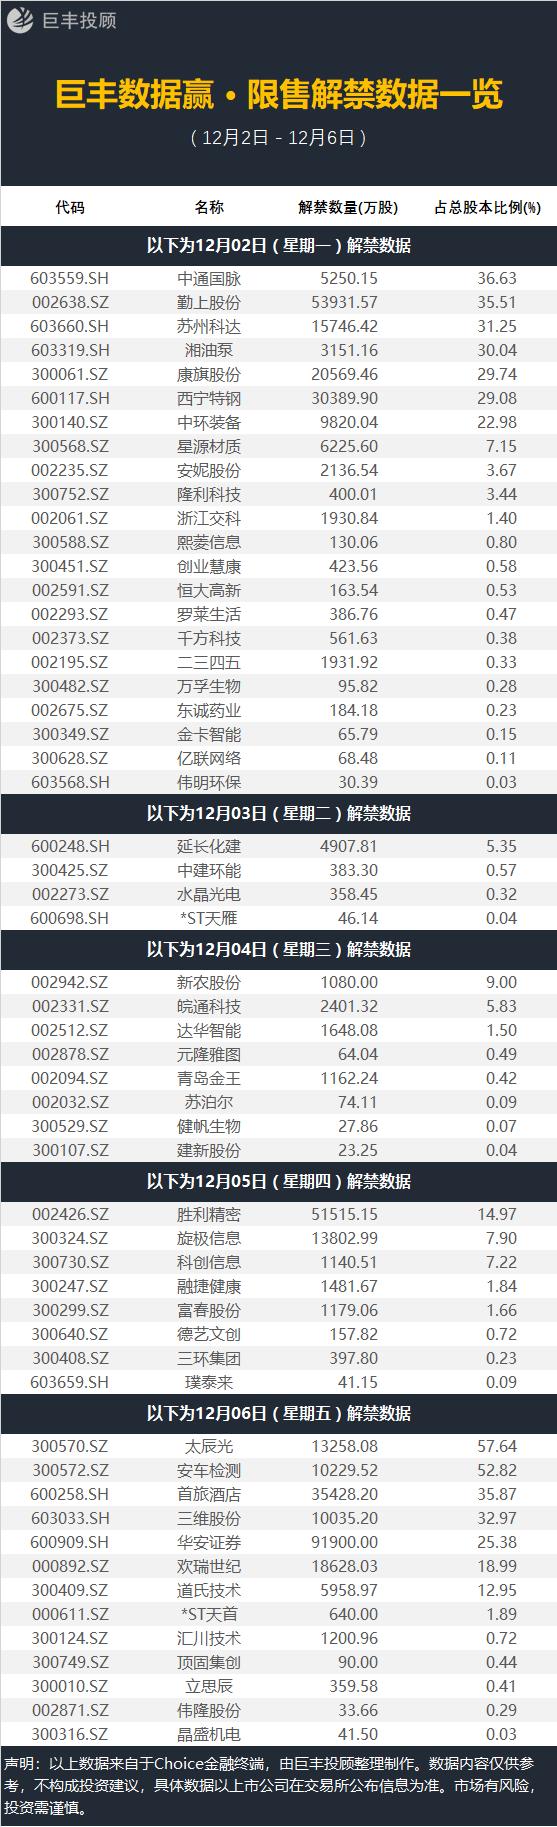 下周56家上市公司解禁 �@批股注意避�U(附名�危�